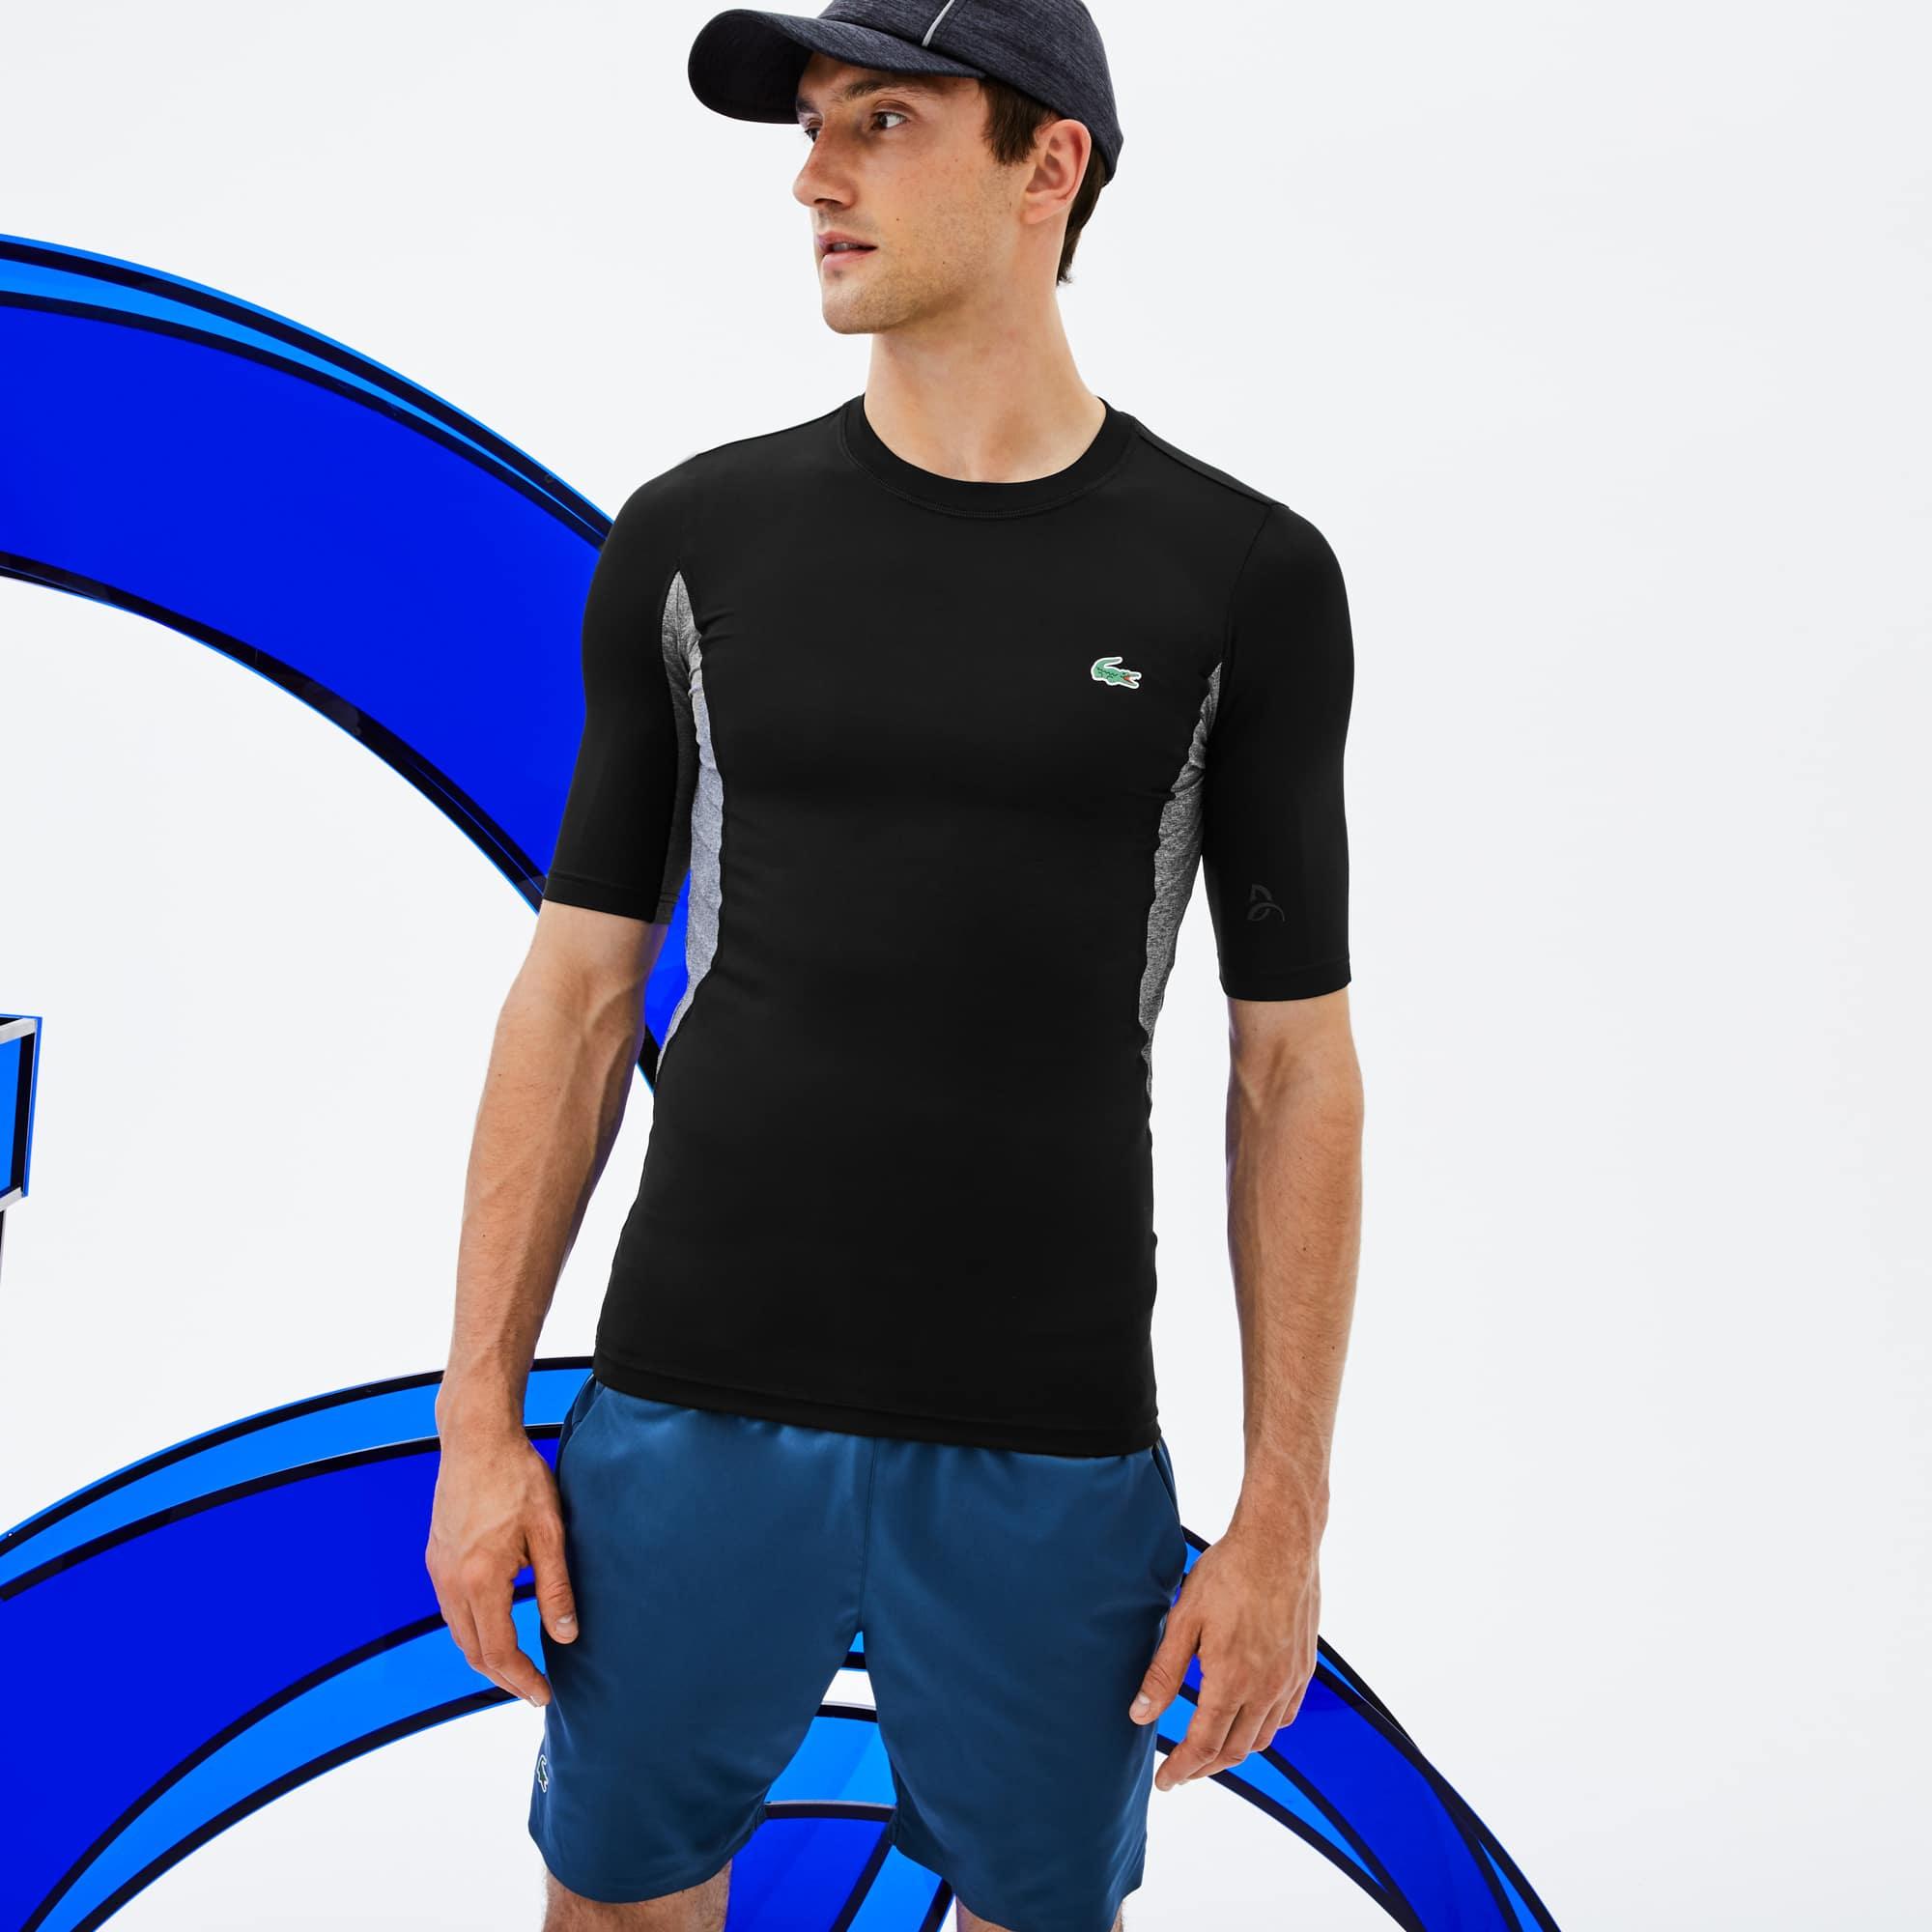 (남성) [Novak Djokovic Edition] 라코스테 스포츠 크루넥 스트레치 기능성 저지 티셔츠